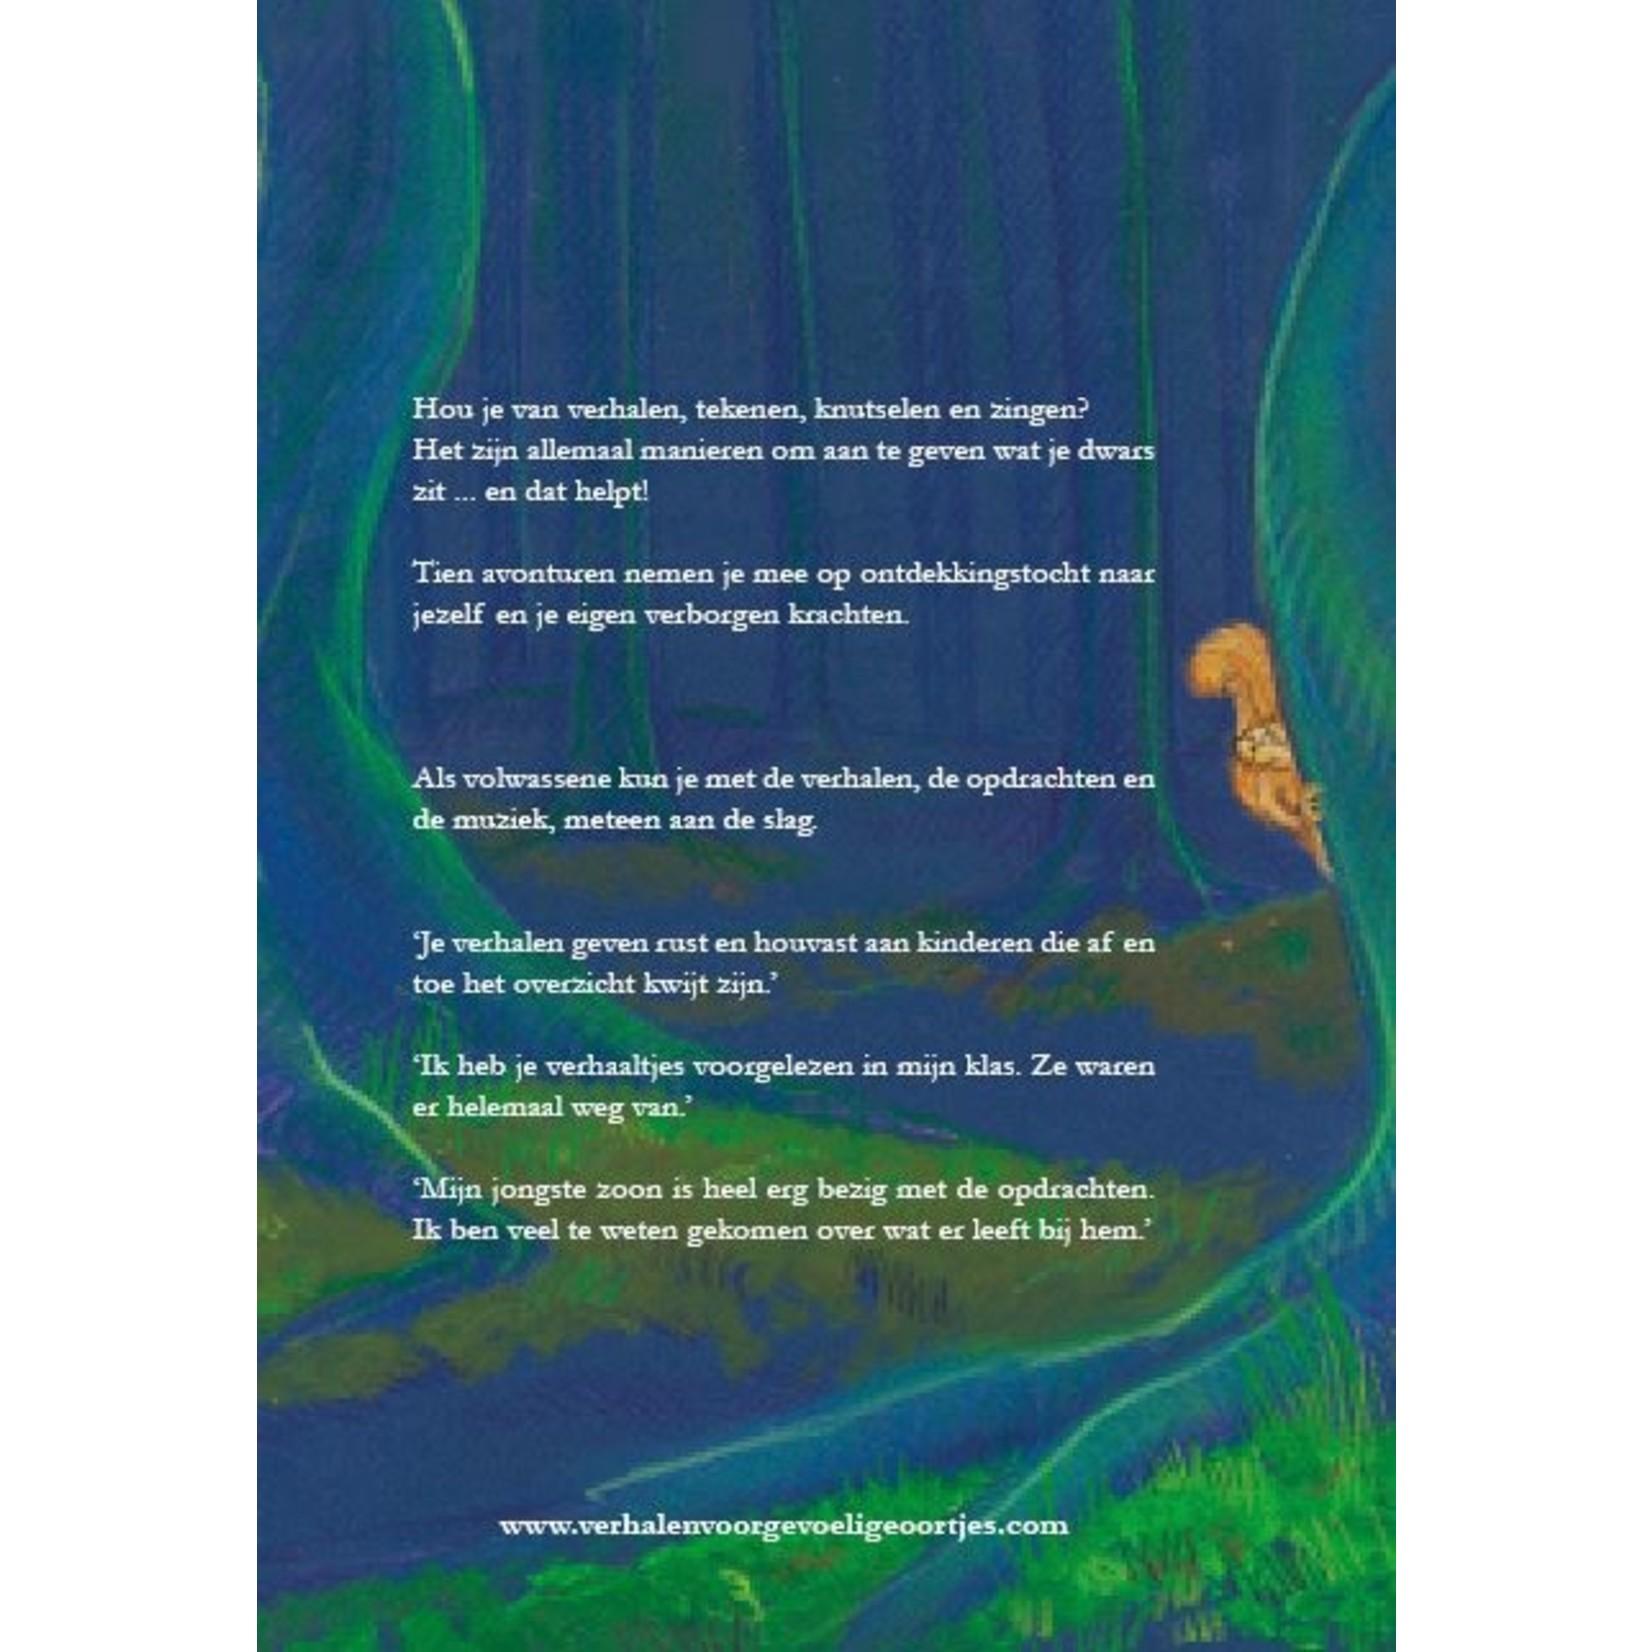 Verhalen voor gevoelige oortjes - Wendy Janssens - boek voor hooggevoelige kinderen